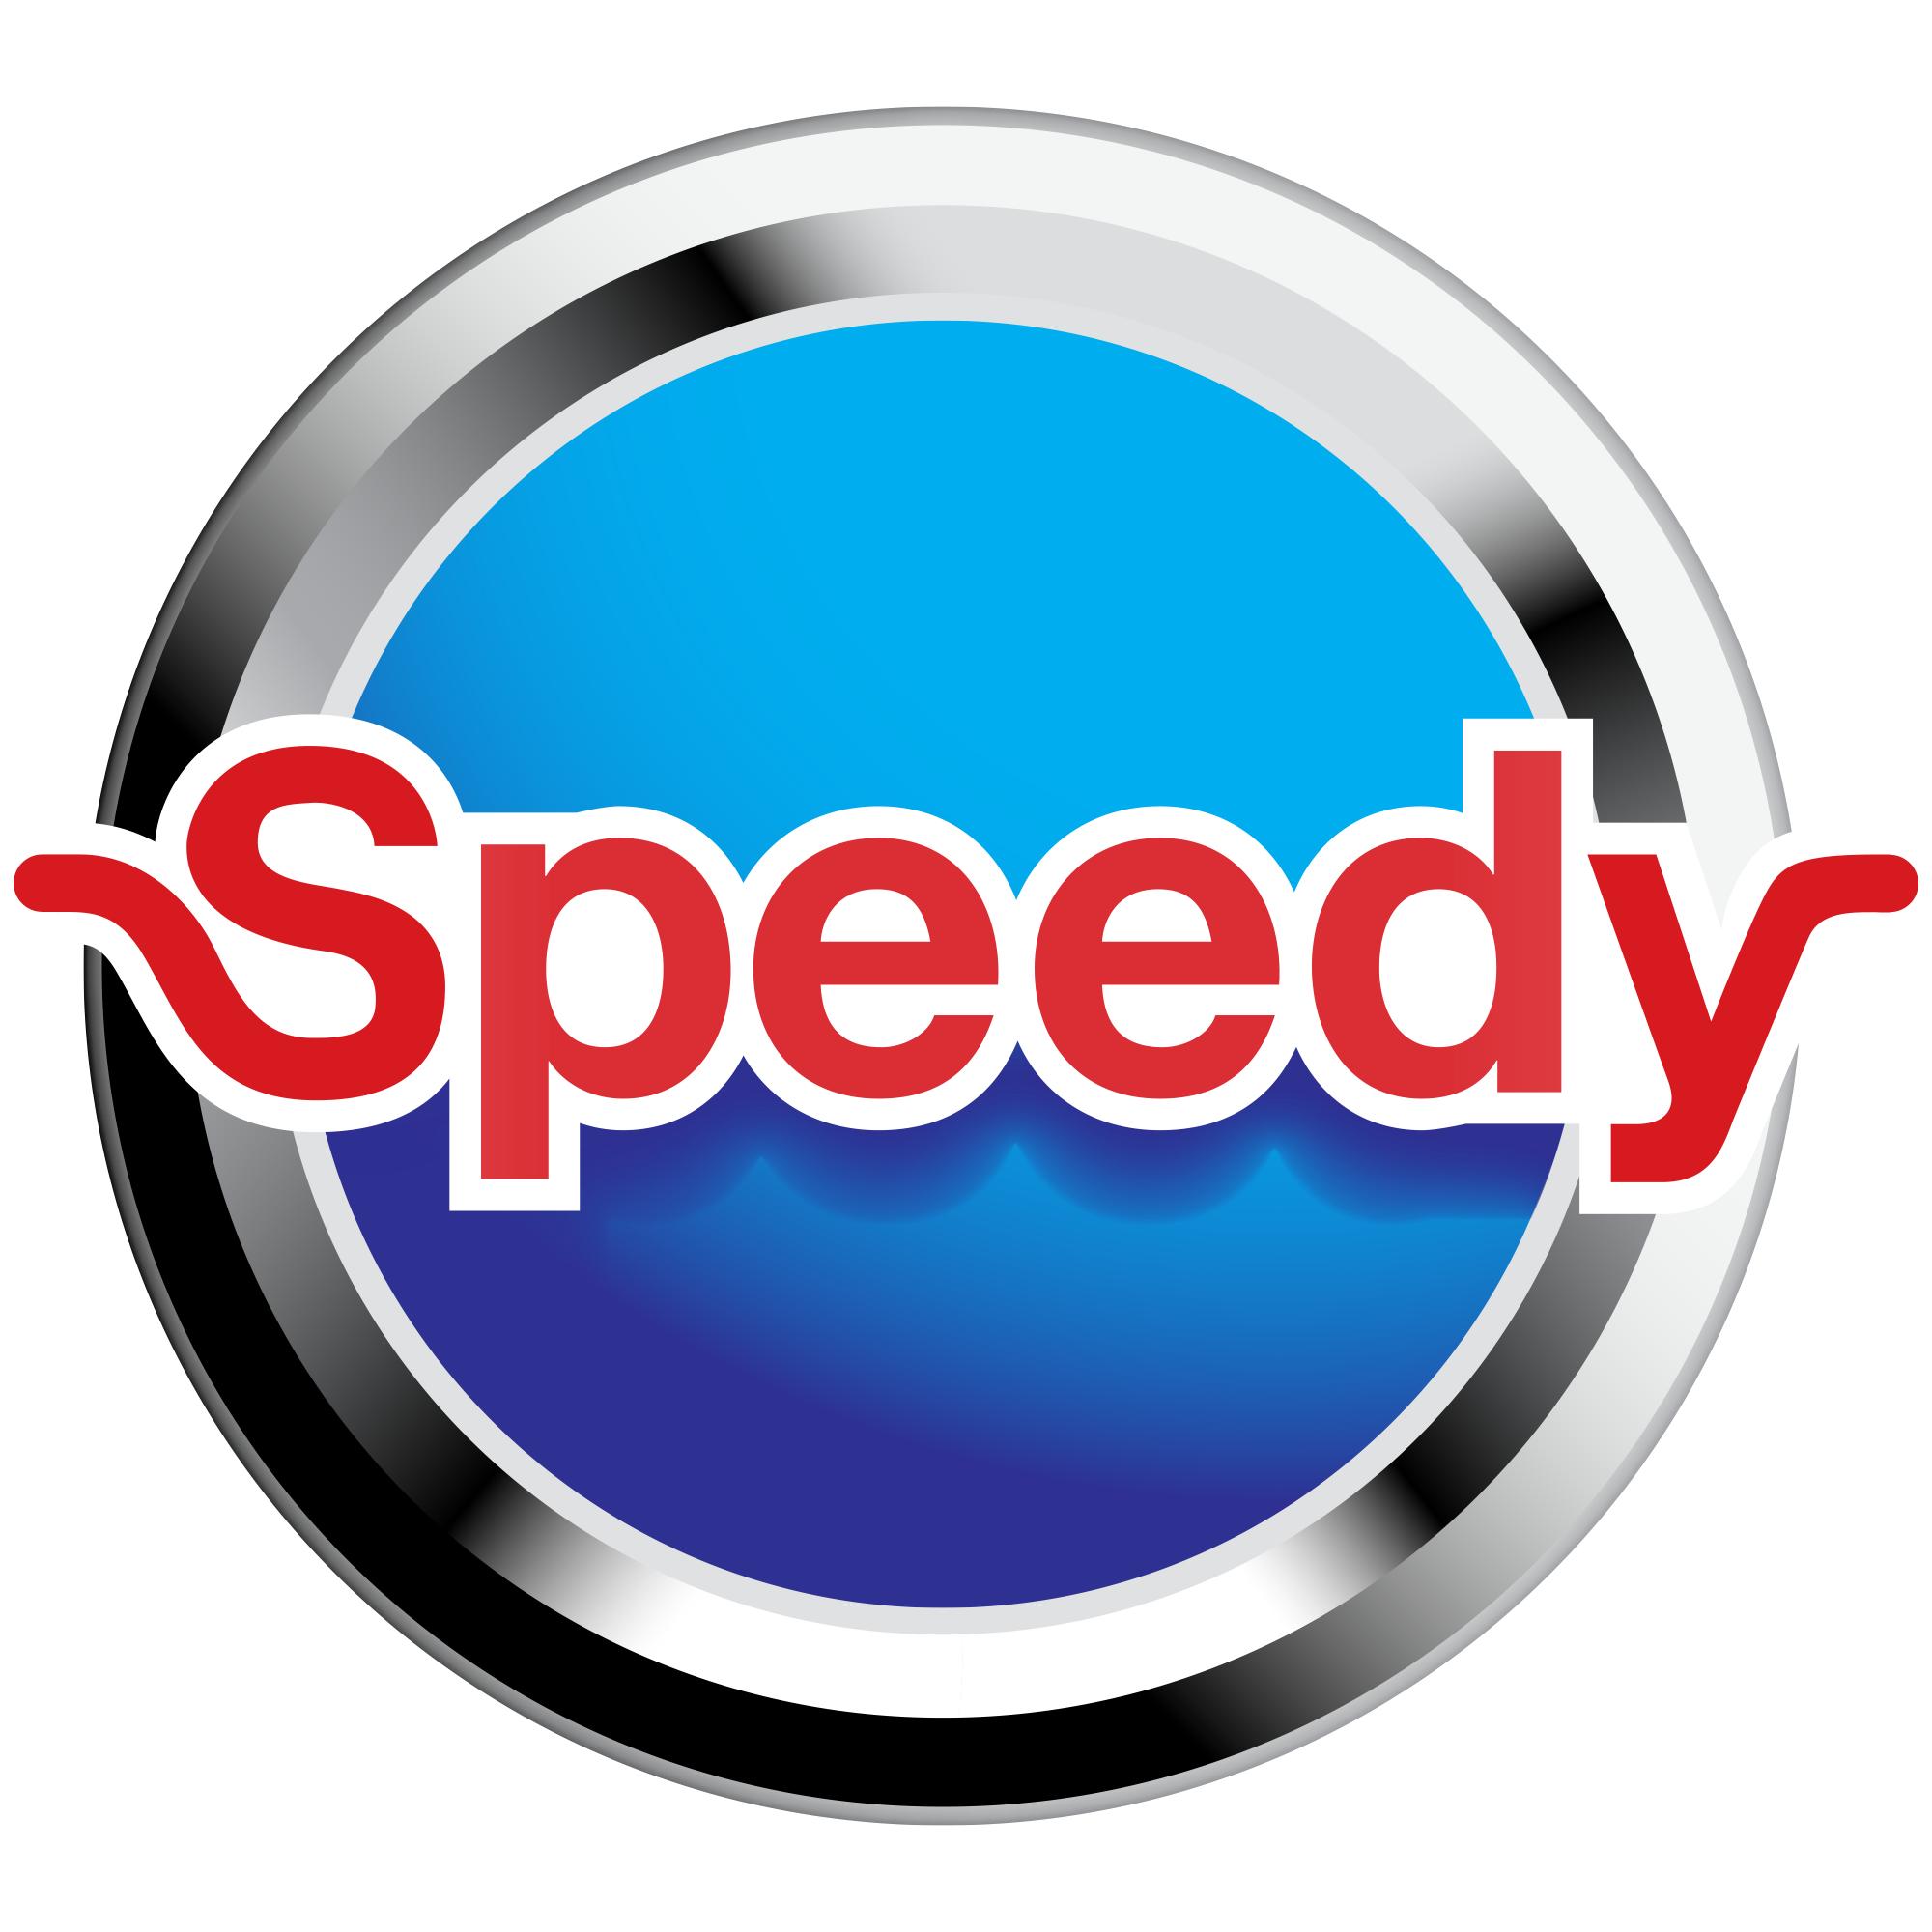 Rosedeal : 120€ dépenser sur une révision constructeur ou un forfait d'entretien intégral chez Speedy